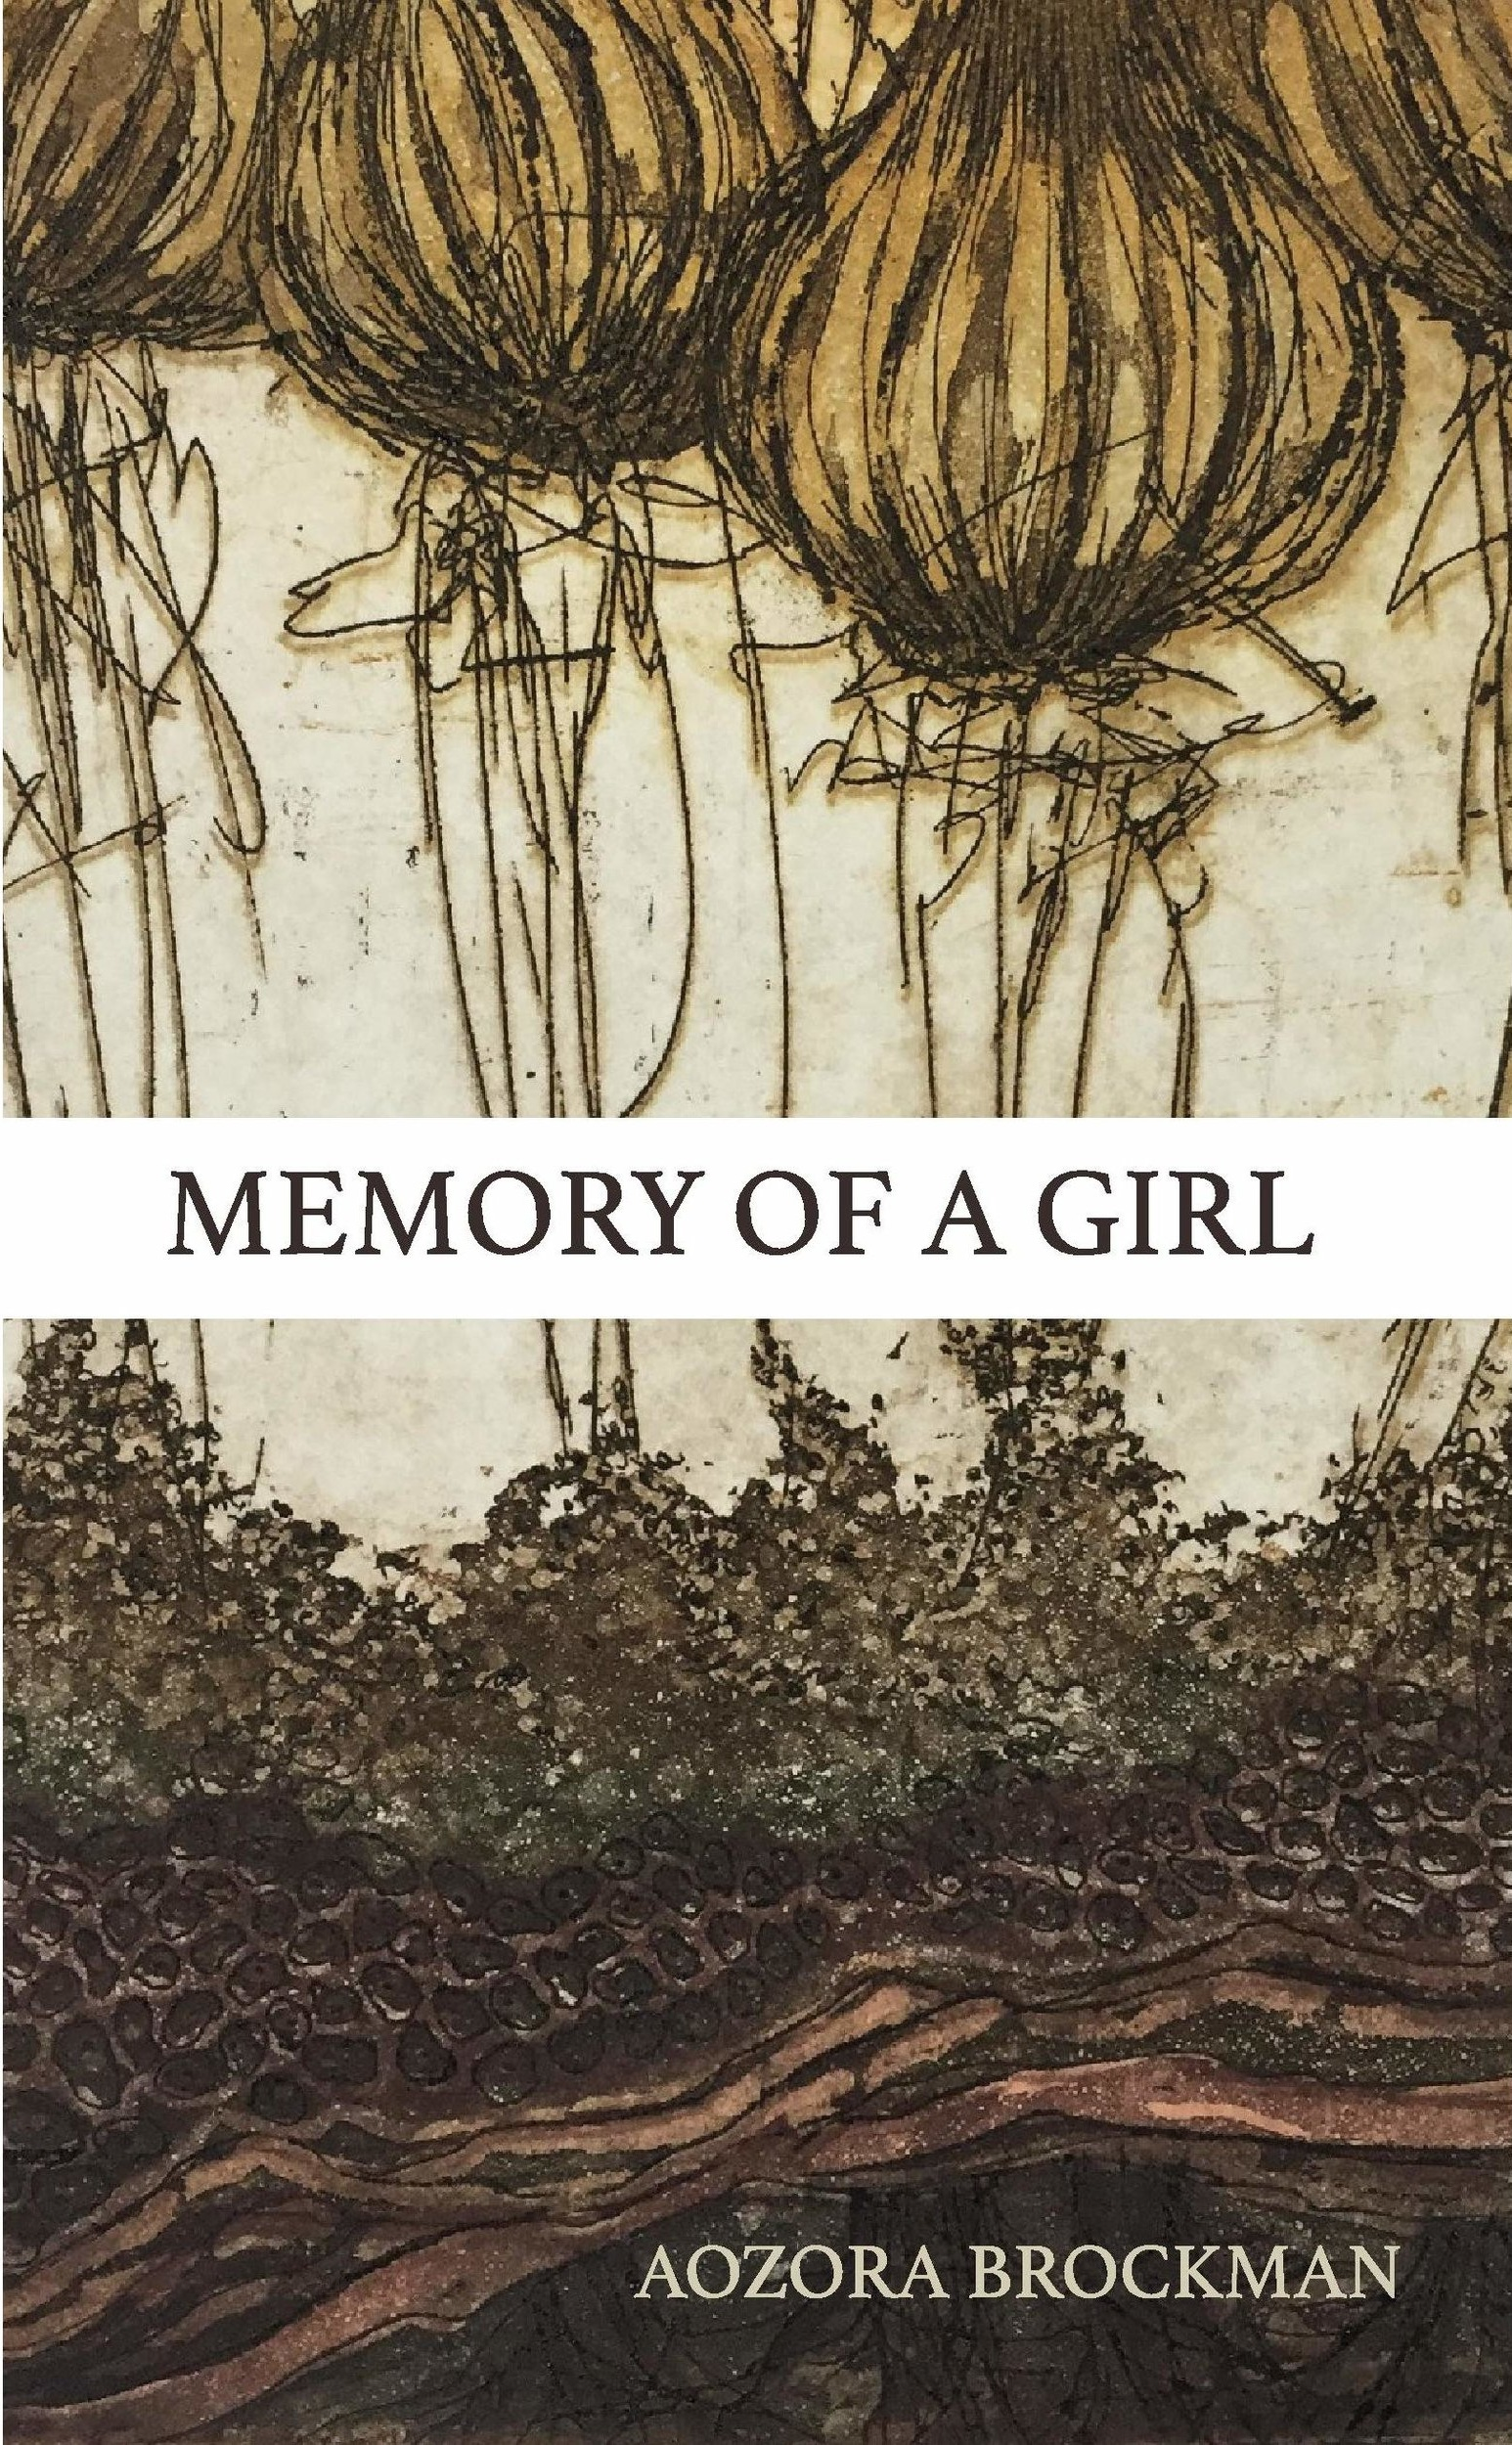 6-lrg-Memory_Girl_cover.jpg